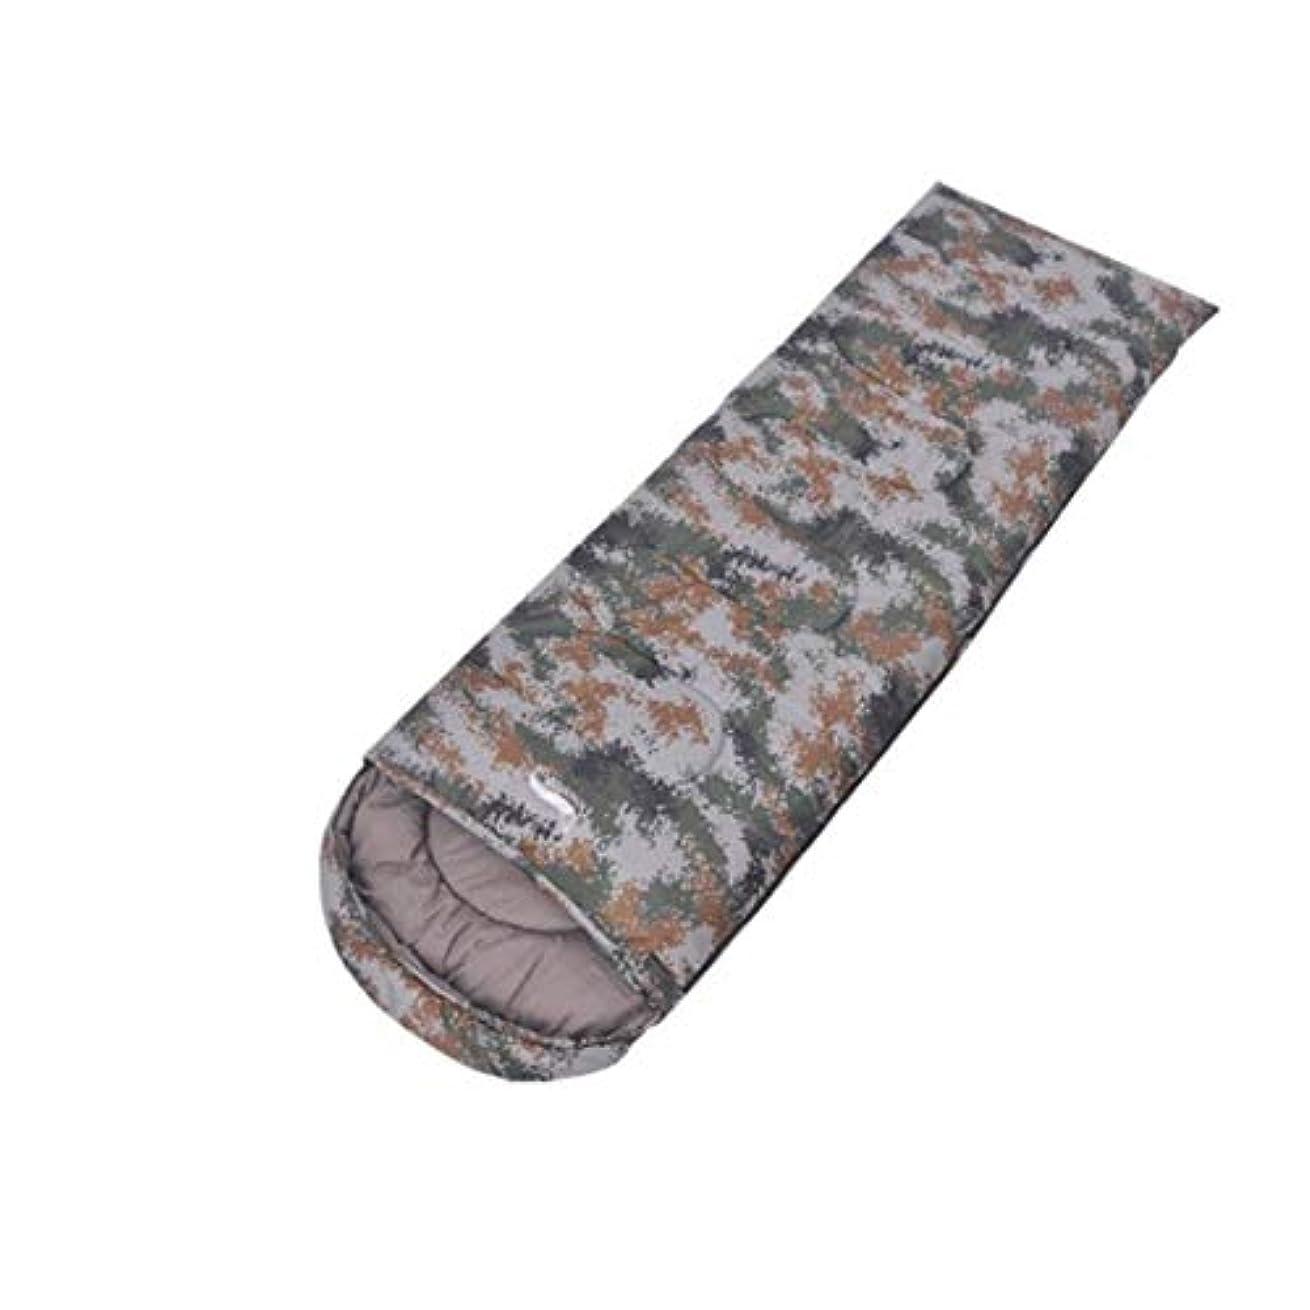 ペネロペ下長方形Madalena 春と秋の屋外の超軽量迷彩寝袋大人の封筒キャンプ寝袋中空綿キャンプ寝袋 (Color : Digital camouflage)